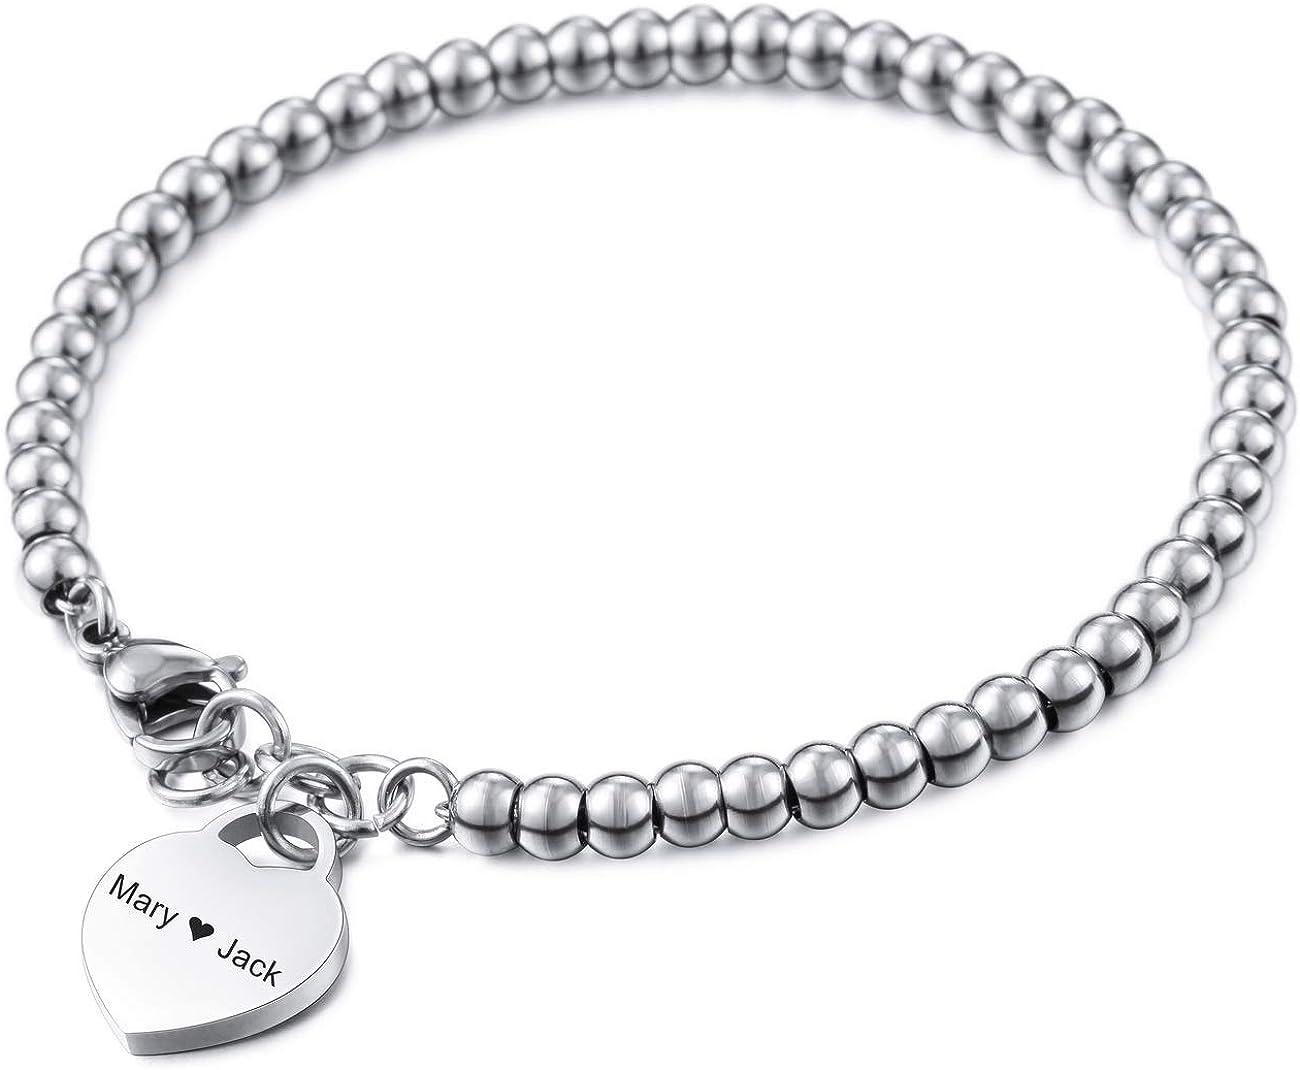 Rose Ton Or Sur Argent Sterling Perle Réglable Bracelet